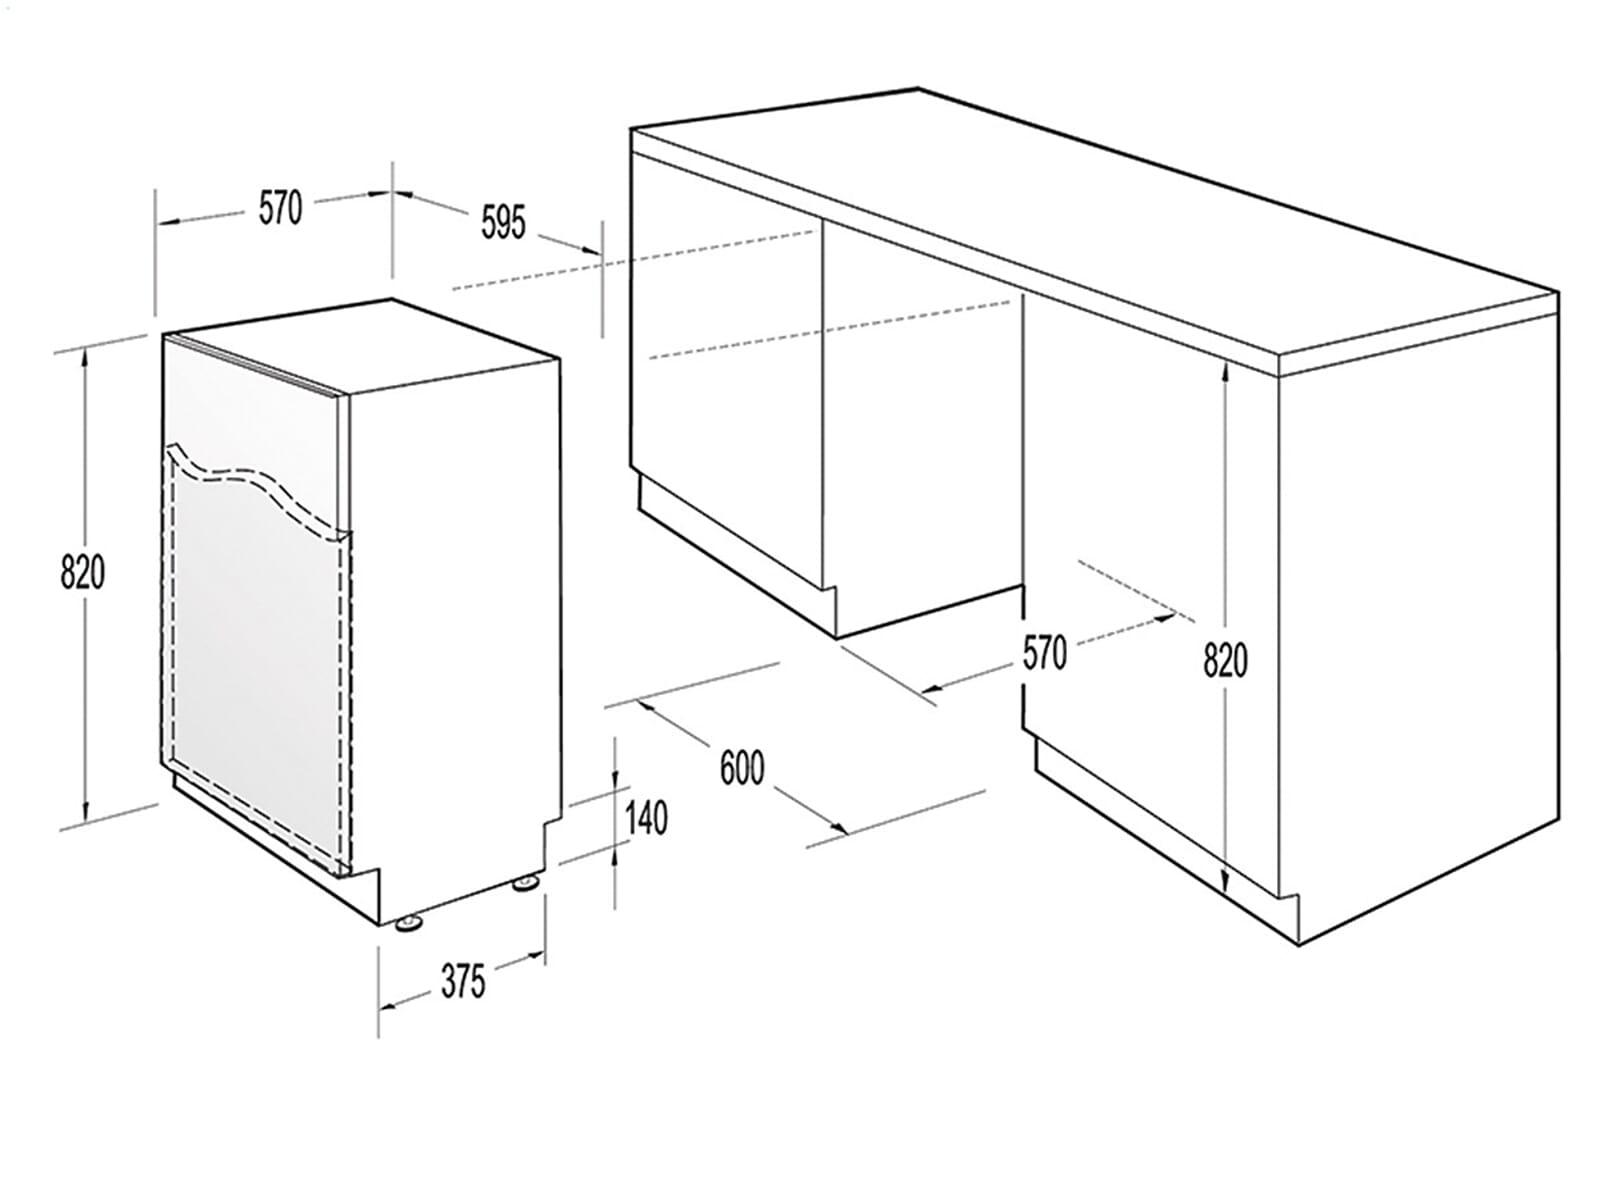 Gorenje GV 65315 Vollintegrierbarer Einbaugeschirrspüler